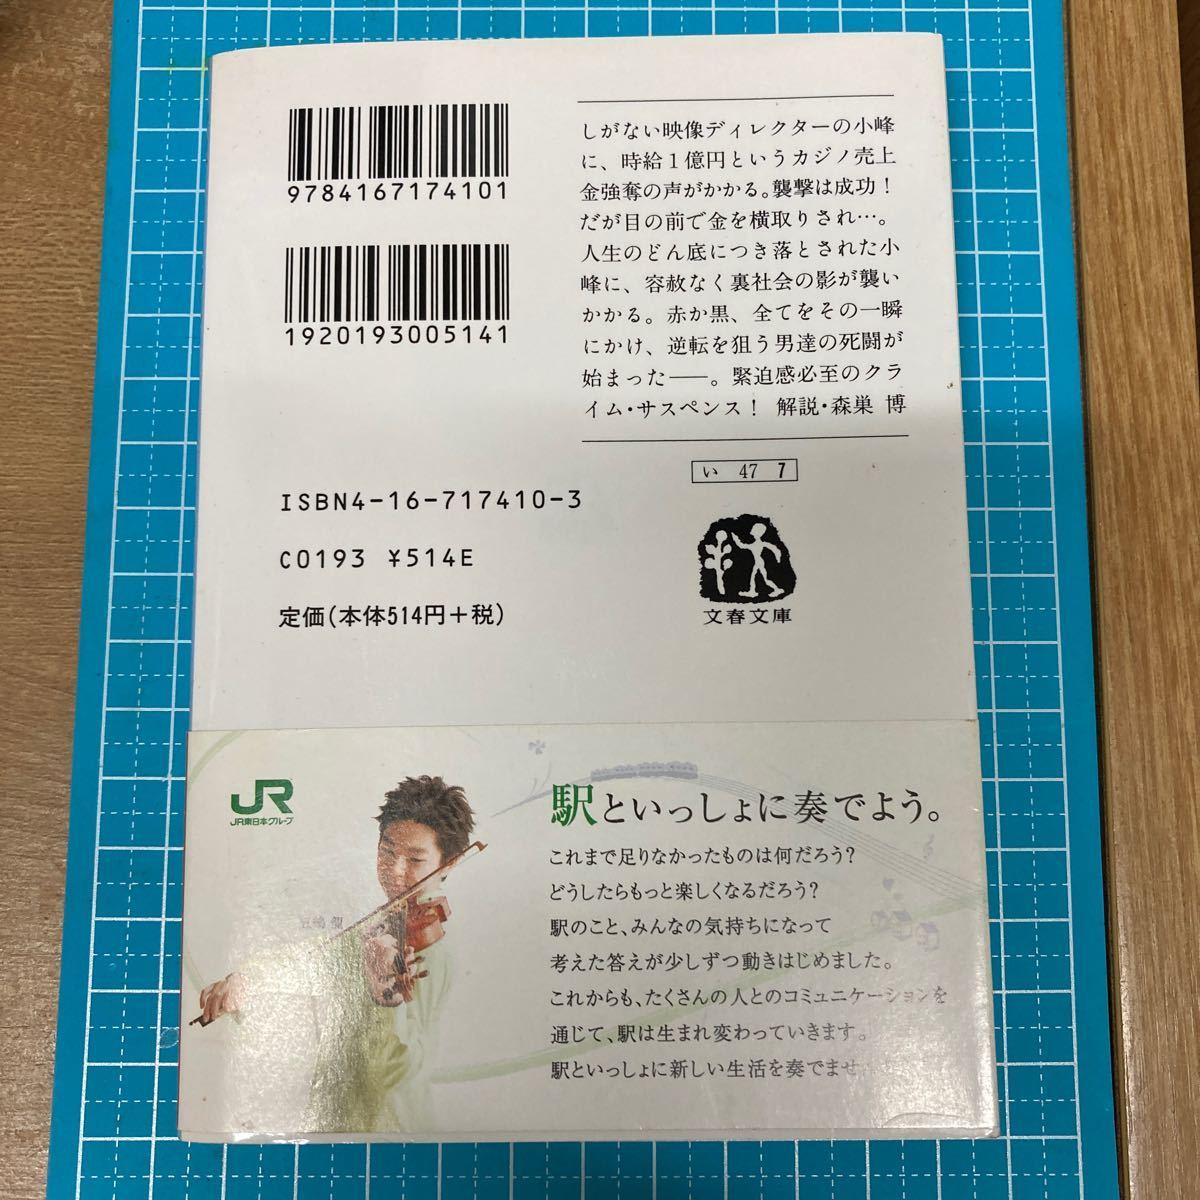 赤 (ルージュ) 黒 (ノワール) 池袋ウエストゲートパーク外伝/石田衣良